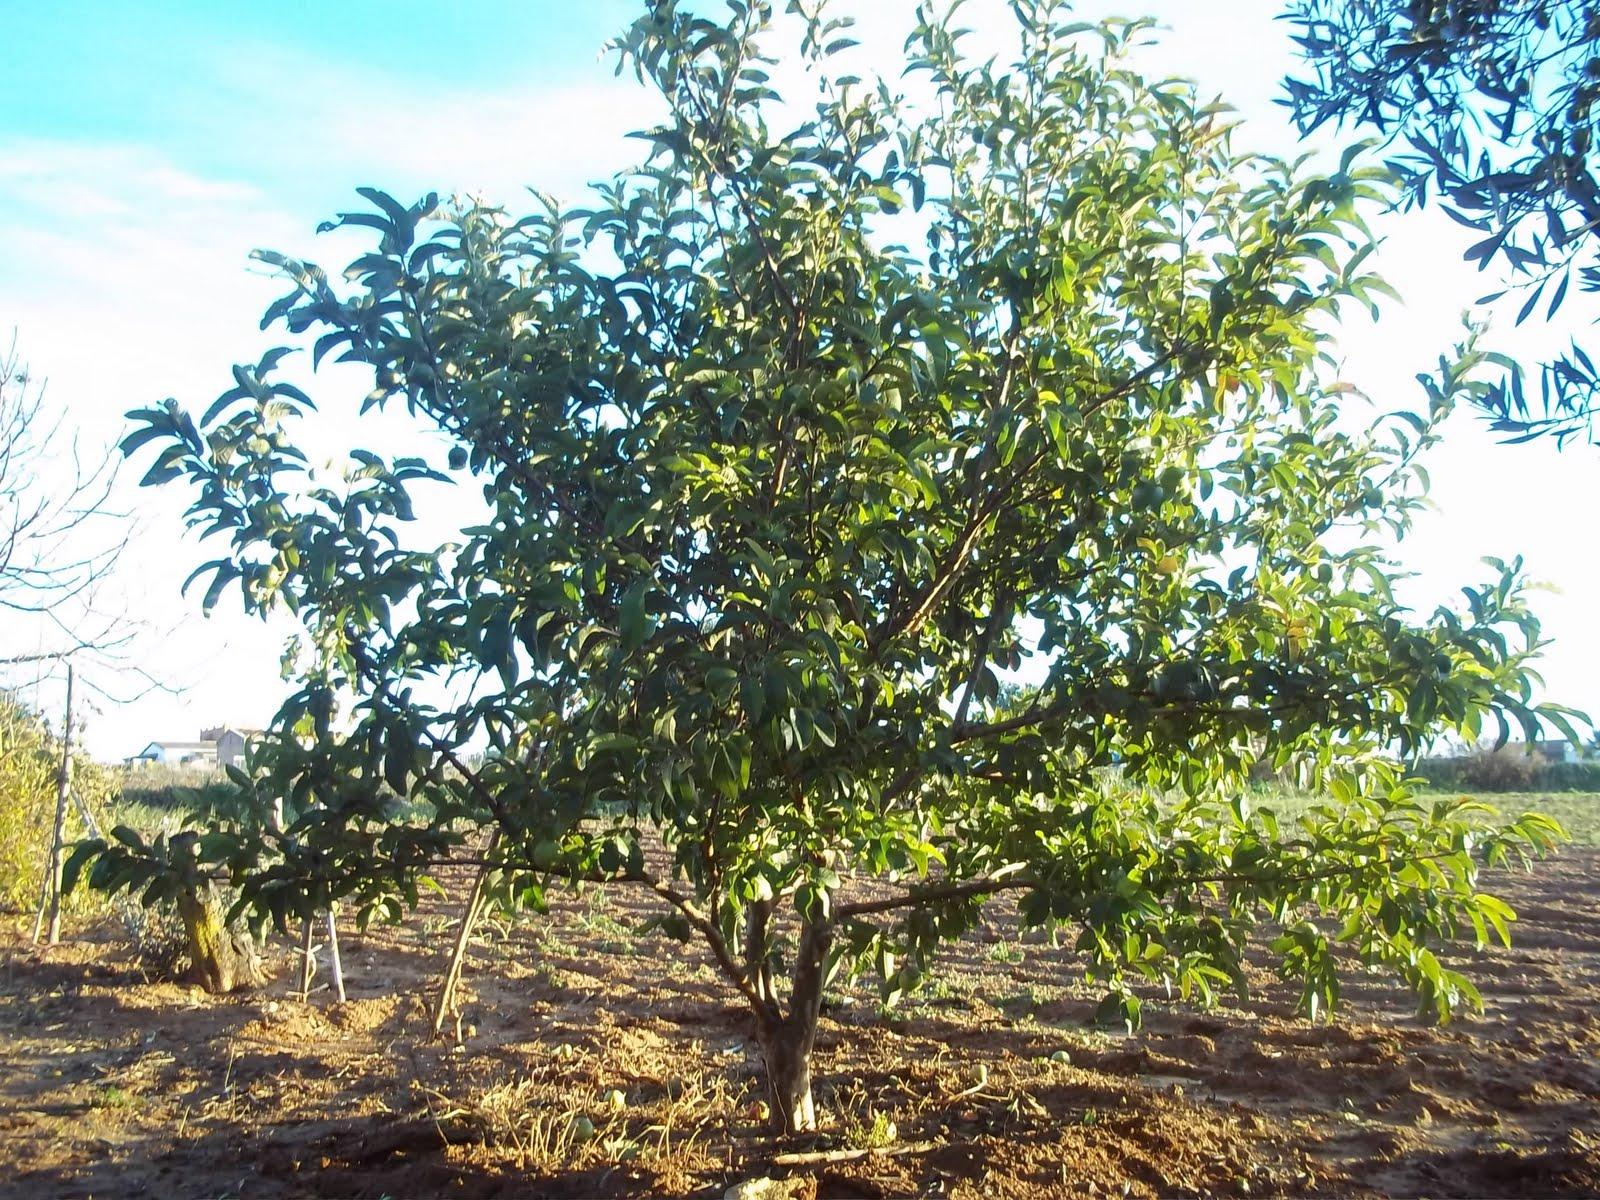 Mi Pequeño Jardin del Arrastre: enero 2011